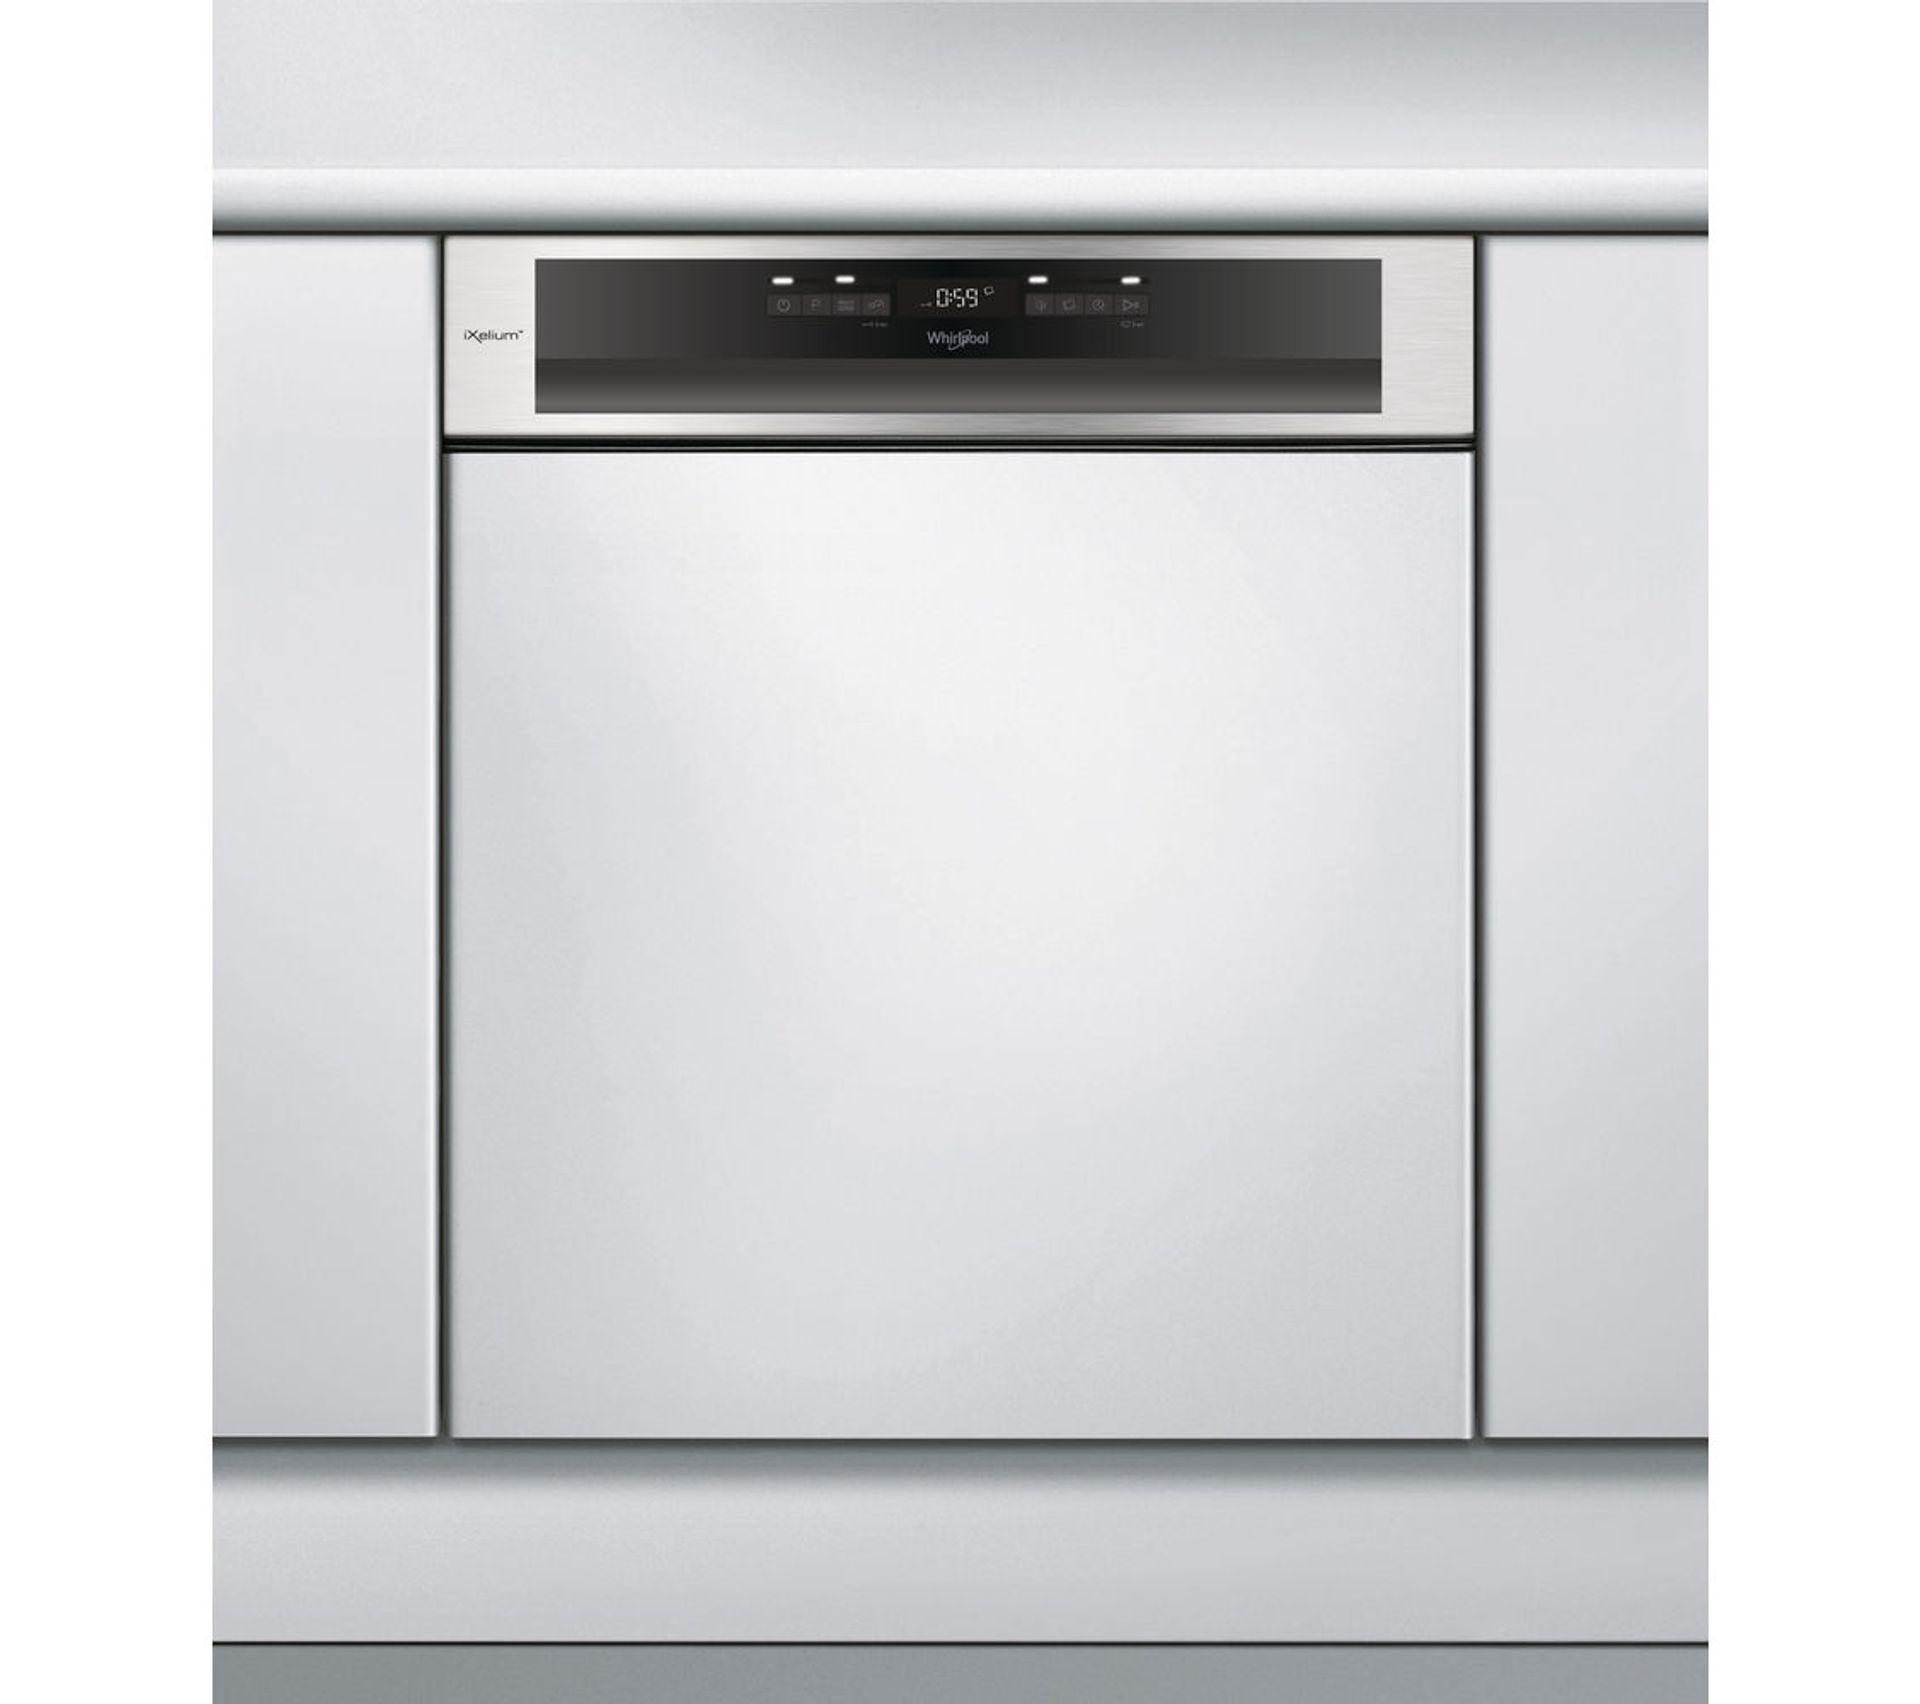 Filtre Piscine Lave Vaisselle lave-vaisselle tout intégrable 14 couverts 43 db a++ - wkcio 3 t 123 pef